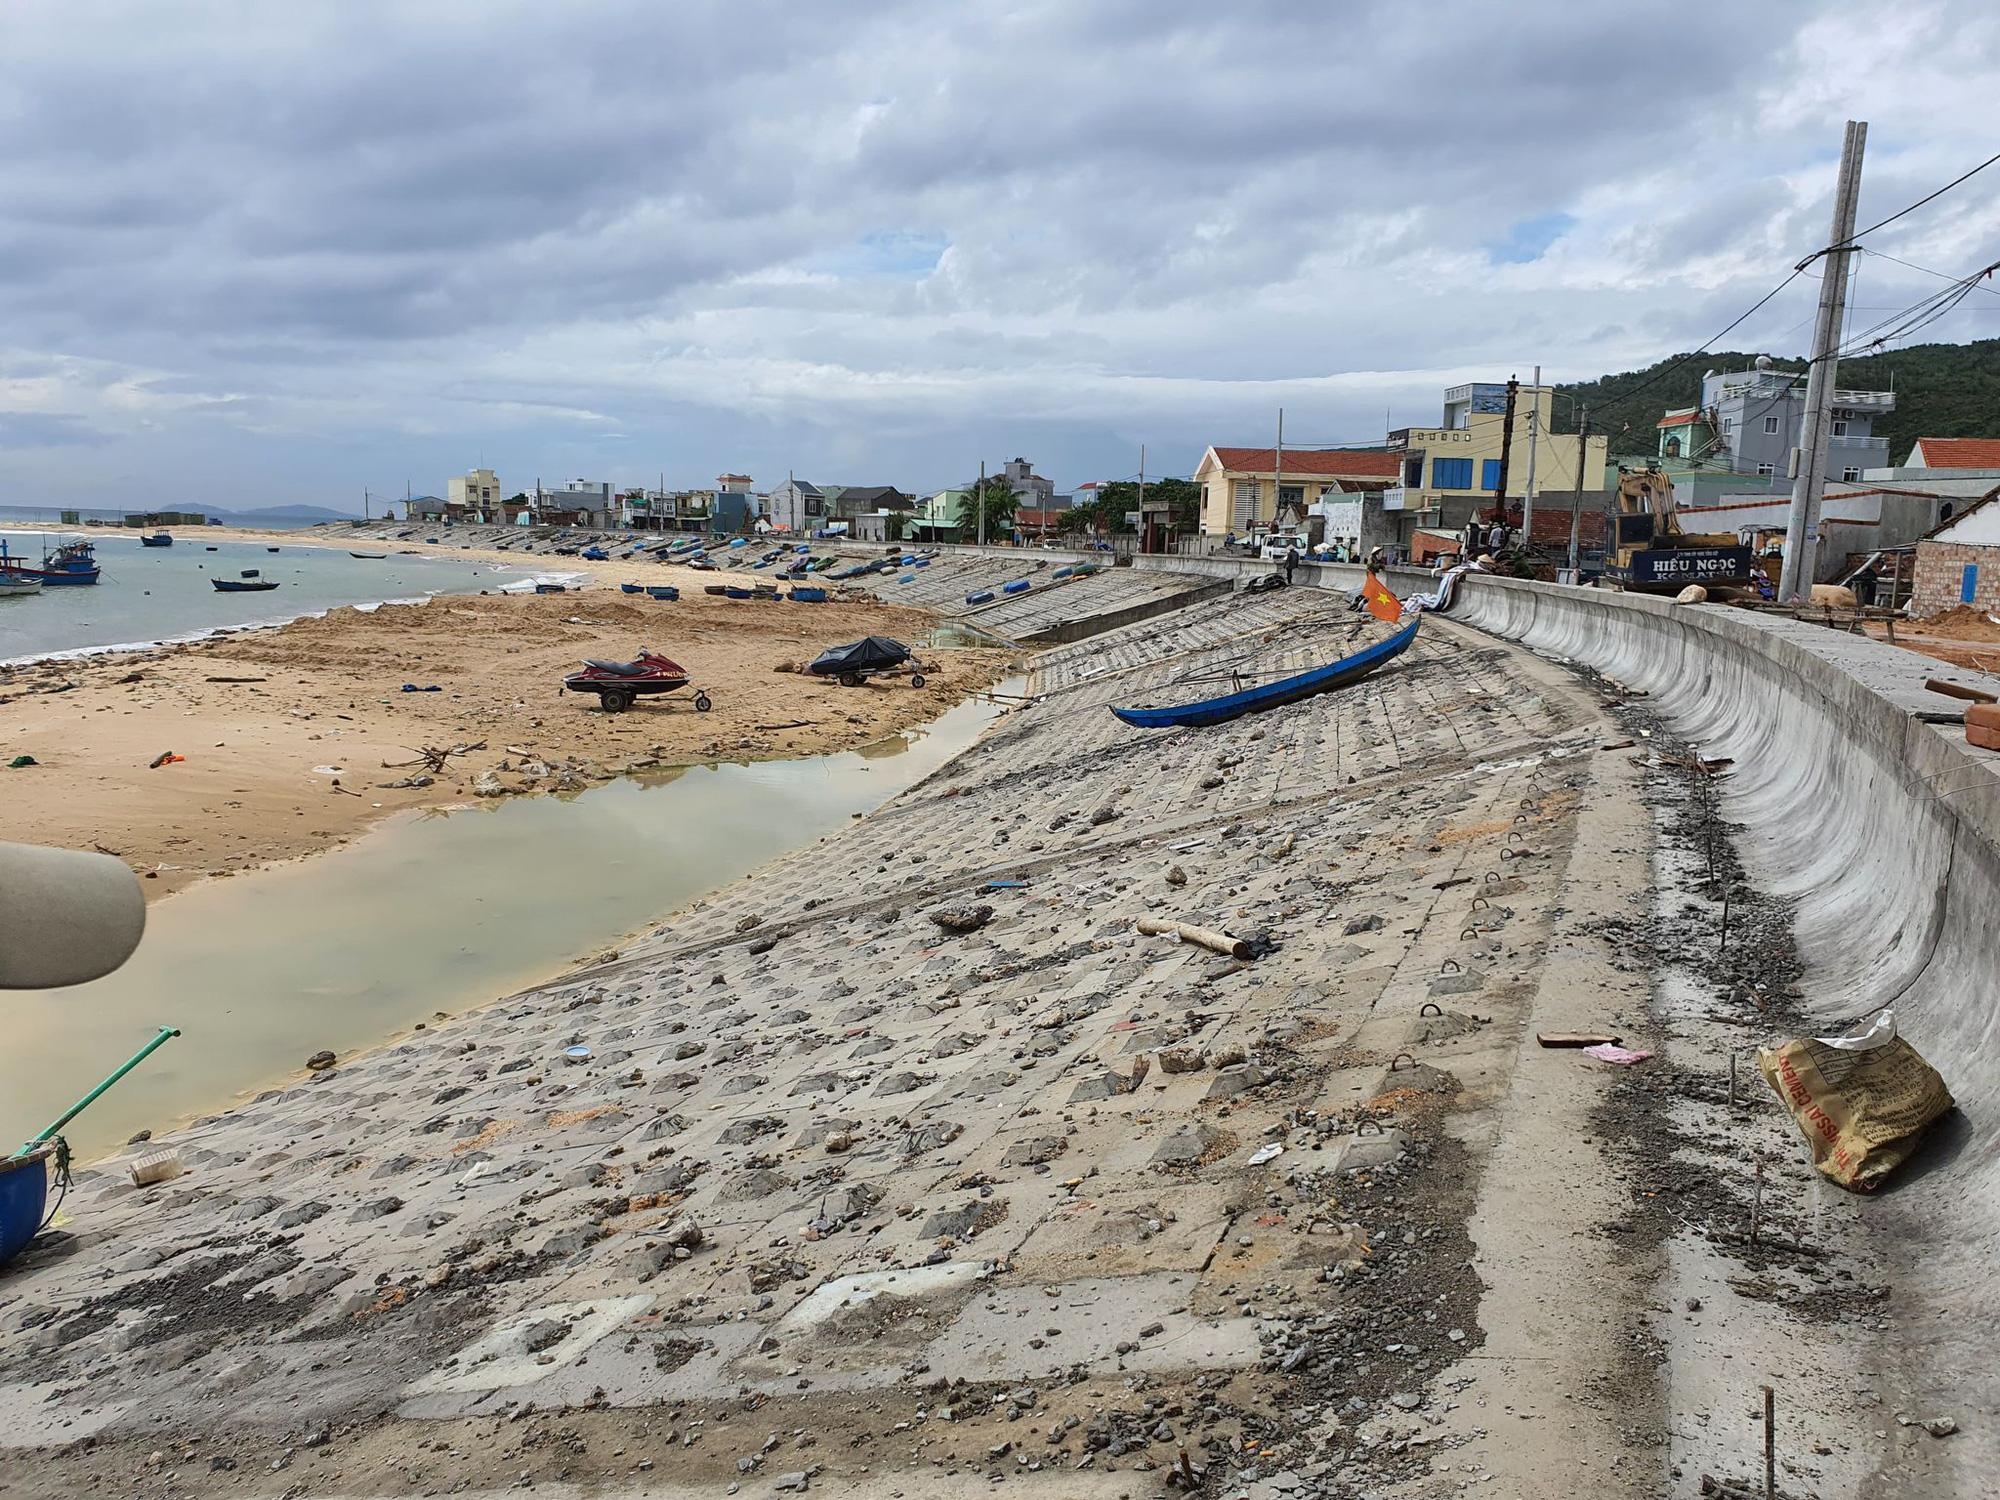 """Bình Định: """"Chạy đua""""… xây dựng kè biển 99 tỷ đồng bảo vệ cả làng chài - Ảnh 3."""